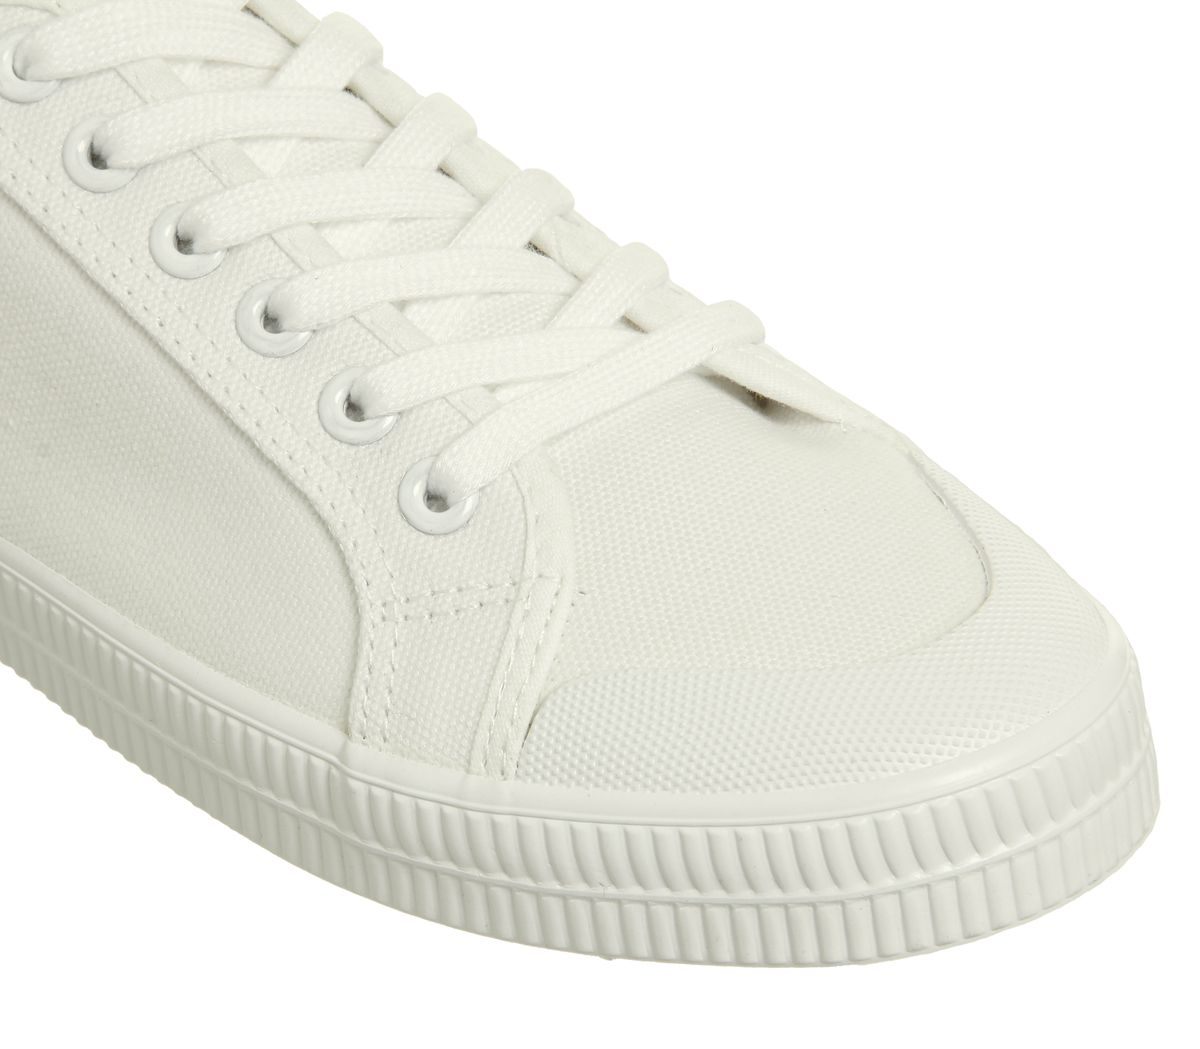 best quality pretty cheap cheaper Détails sur Femmes Office Franklin Embout Coqué à Lacets Tennis Blanche  Chaussures Toile